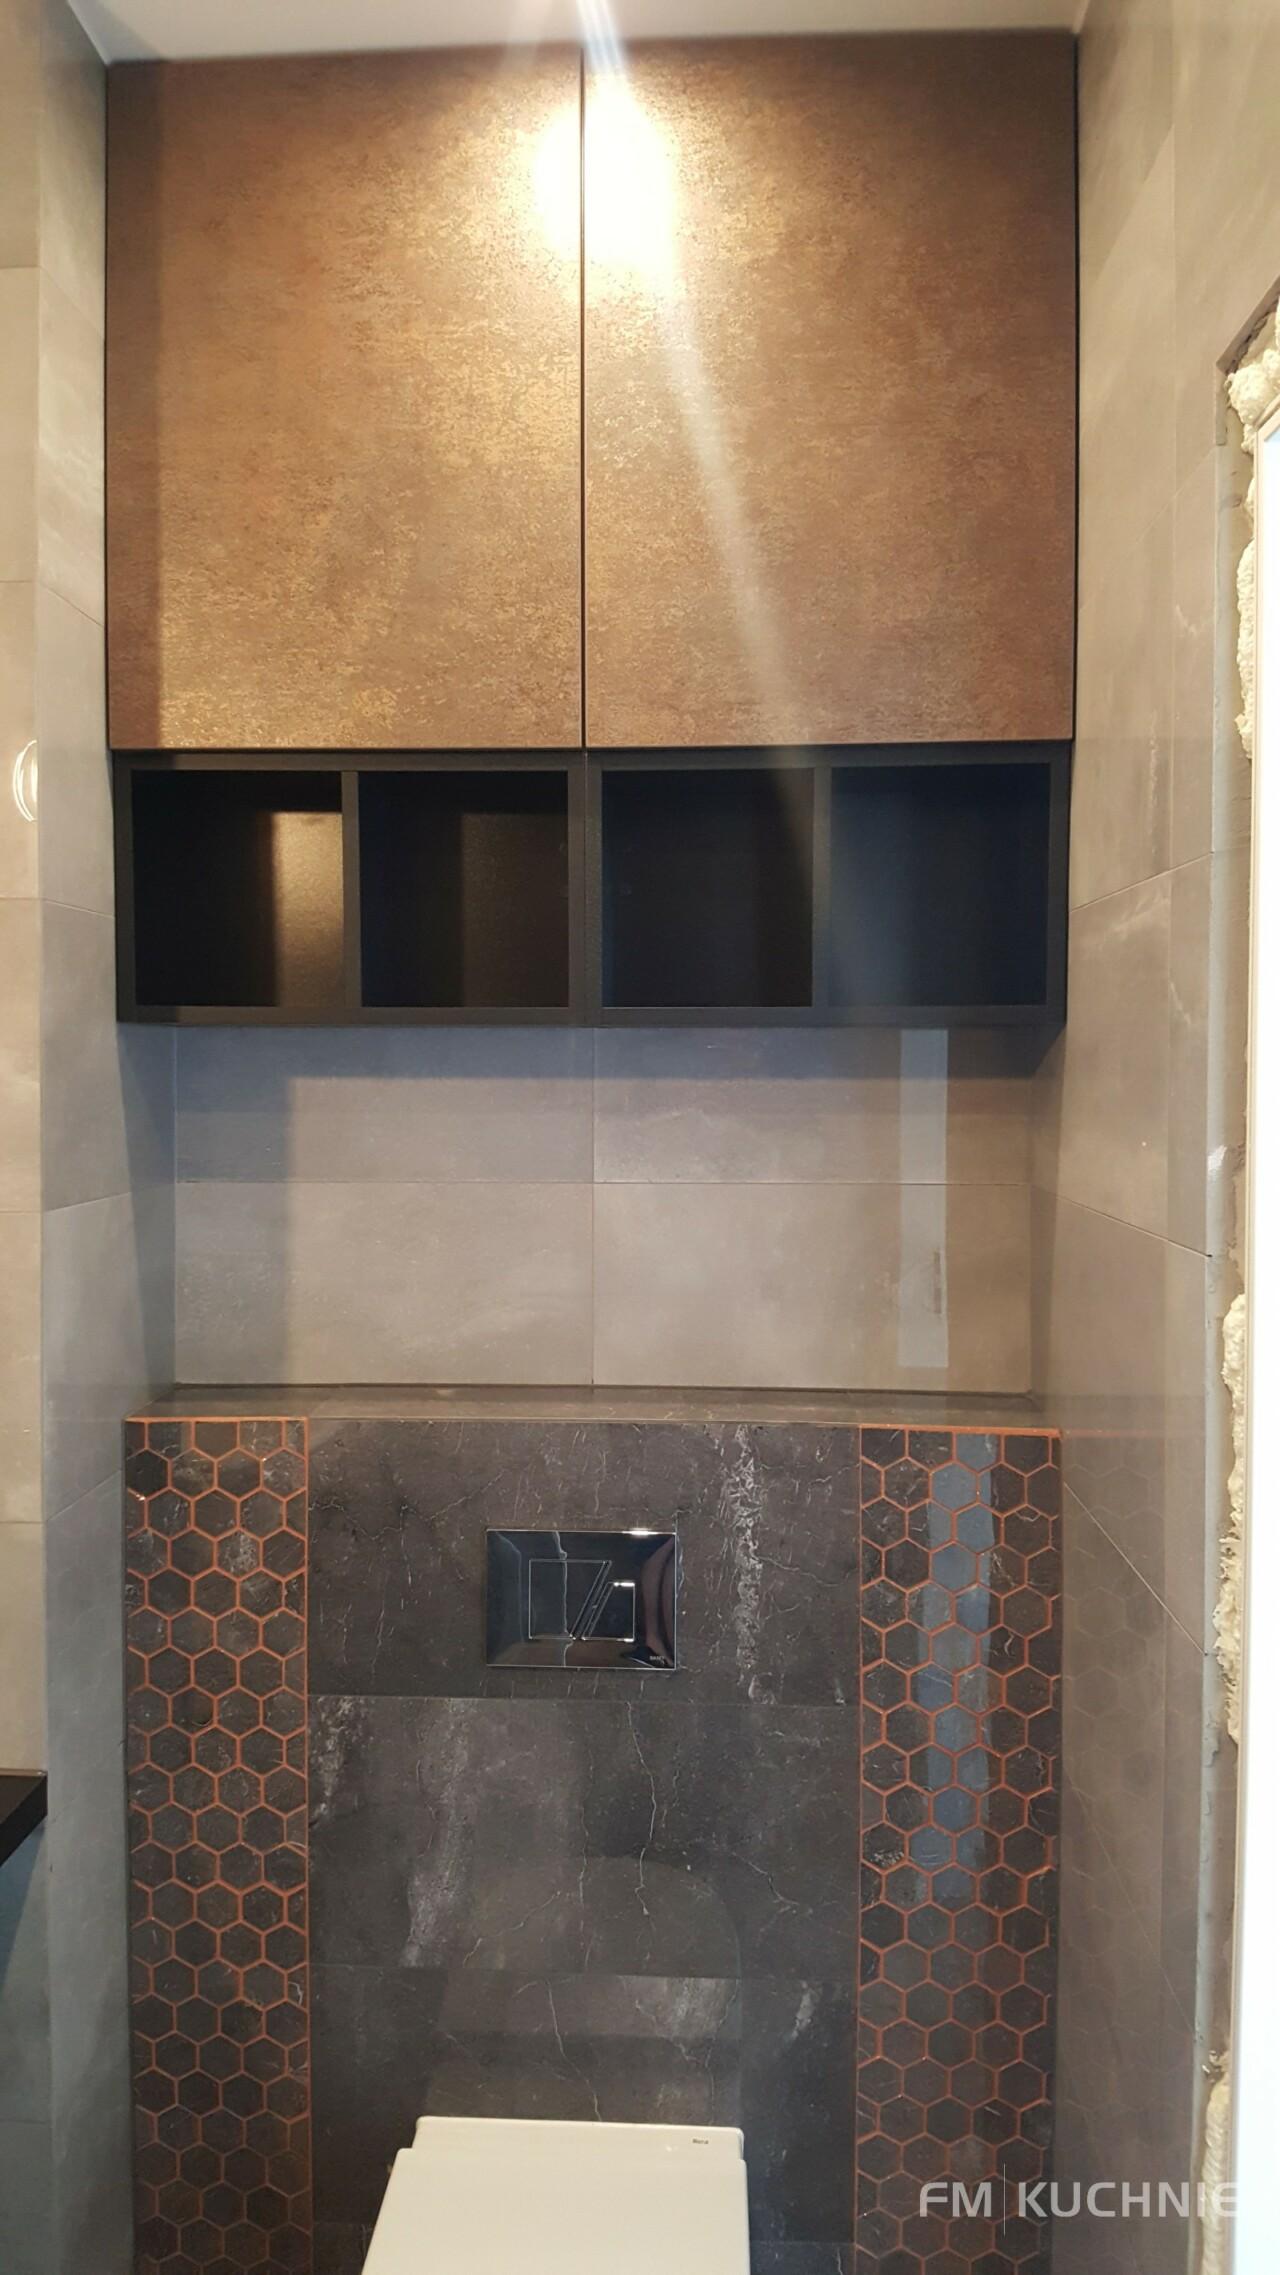 Łazienka w mieszkaniu pokazowym dewelopera - Kuchnia WFM Rocca z białym frontem lakierowanym na mat -5- FM KUCHNIE Kraków